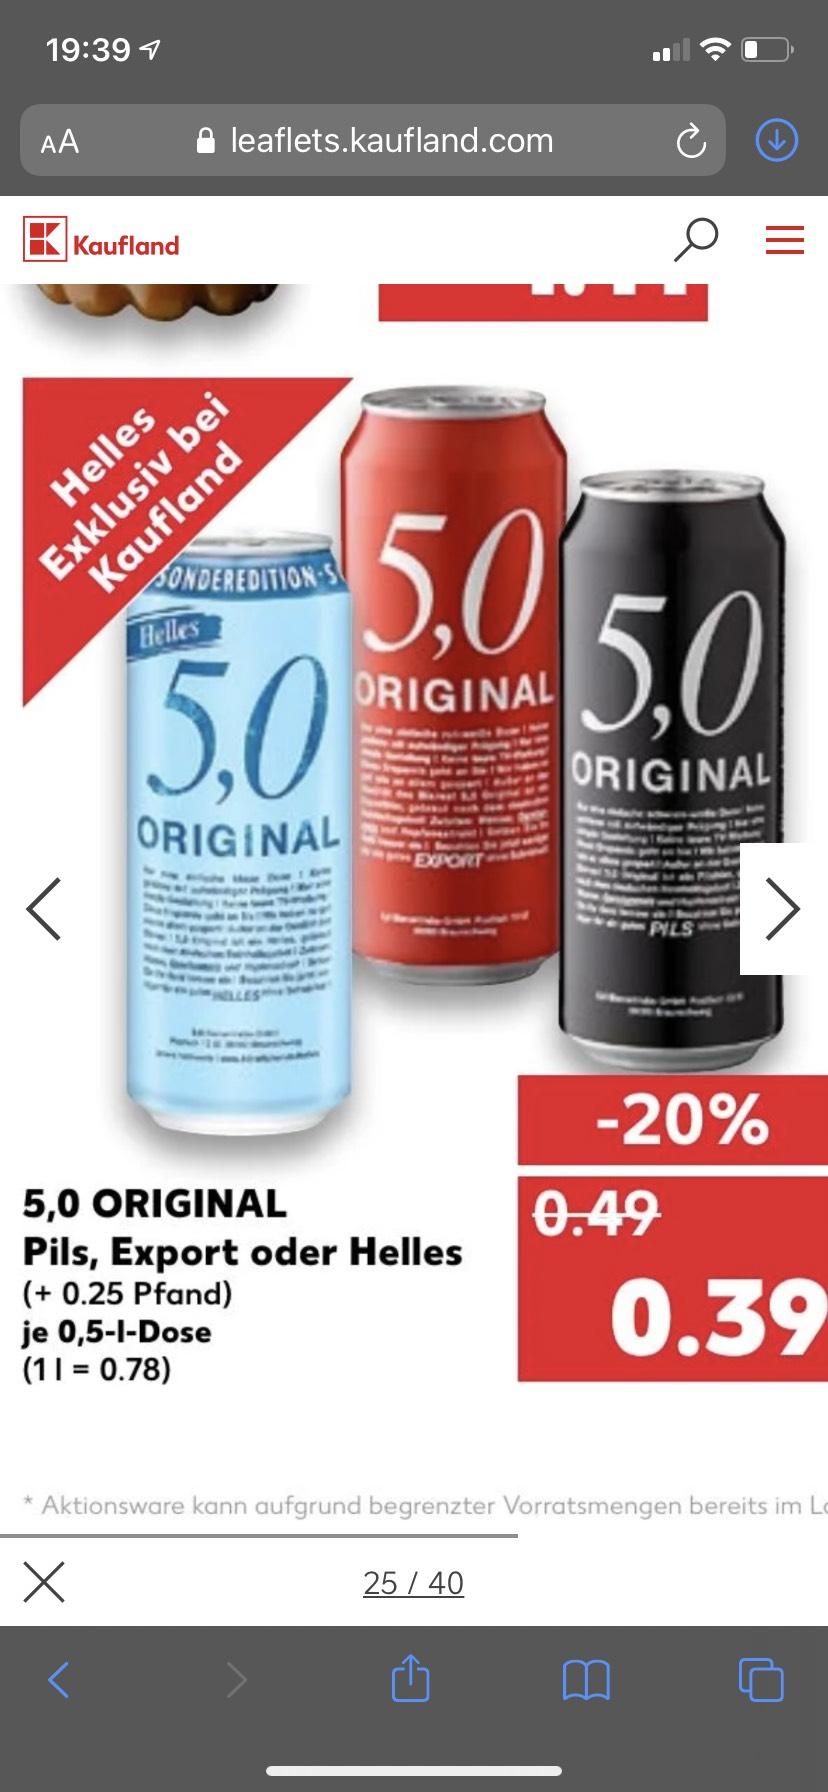 5,0 Bier verschiedene Dosen 0,5 l (Kaufland)